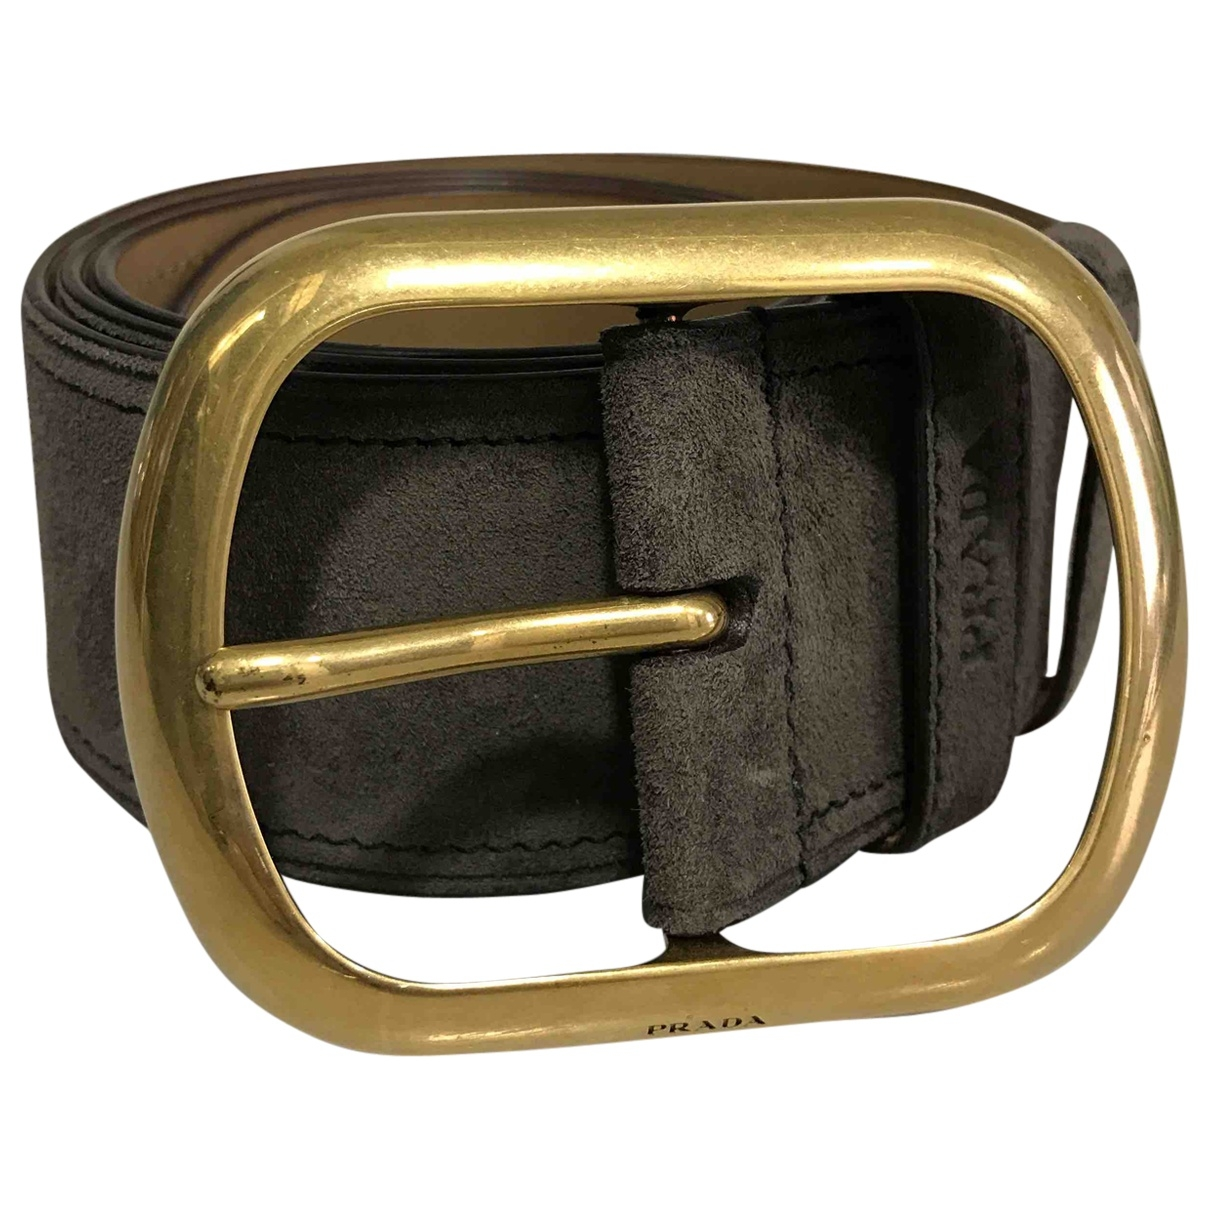 Prada \N Brown Suede belt for Women 80 cm